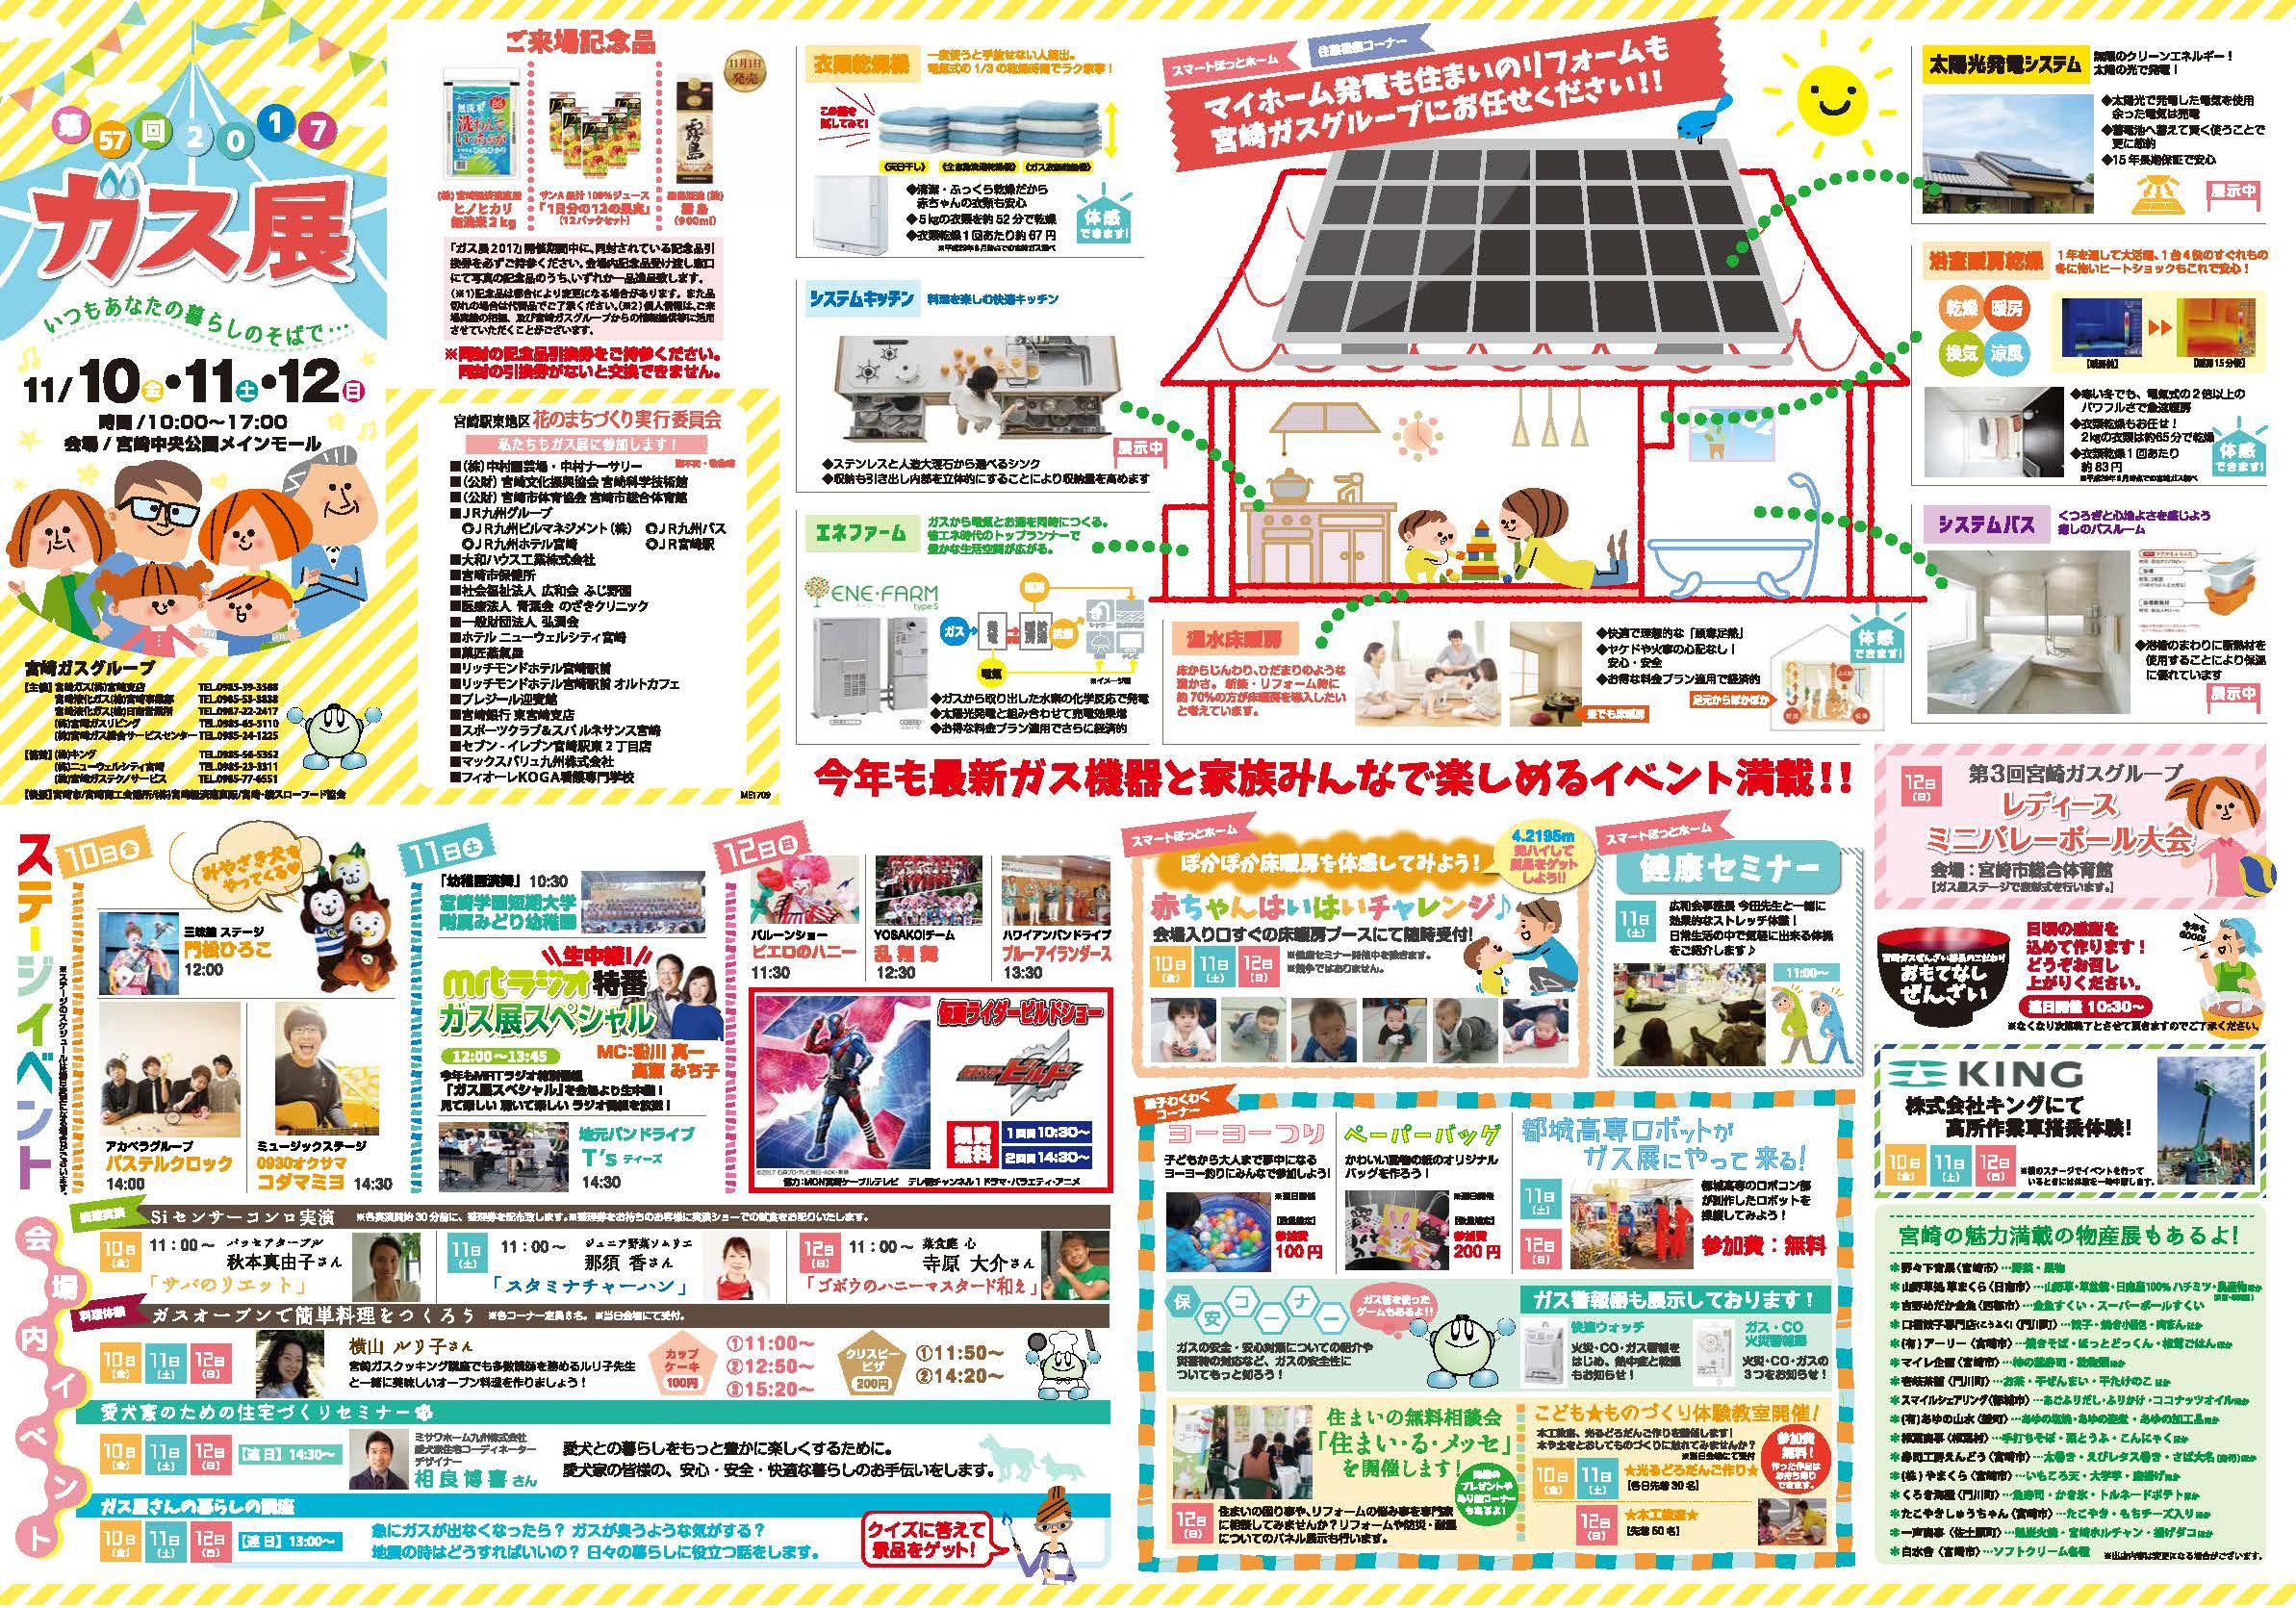 第57回2017 ガス展【主催:宮崎ガス株式会社 宮崎支店ほか】